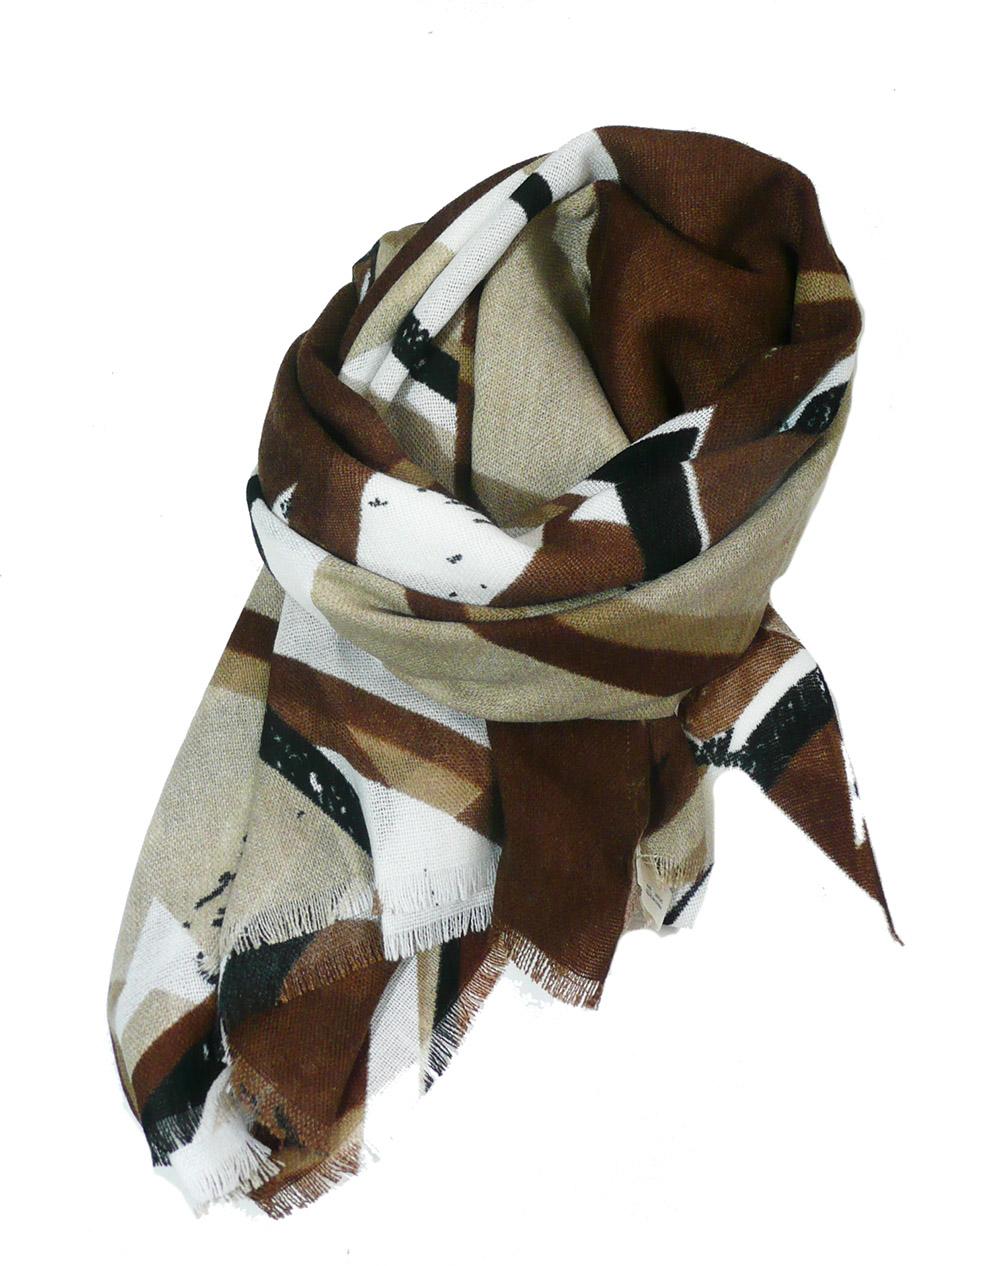 scarf brn blk wht.jpg